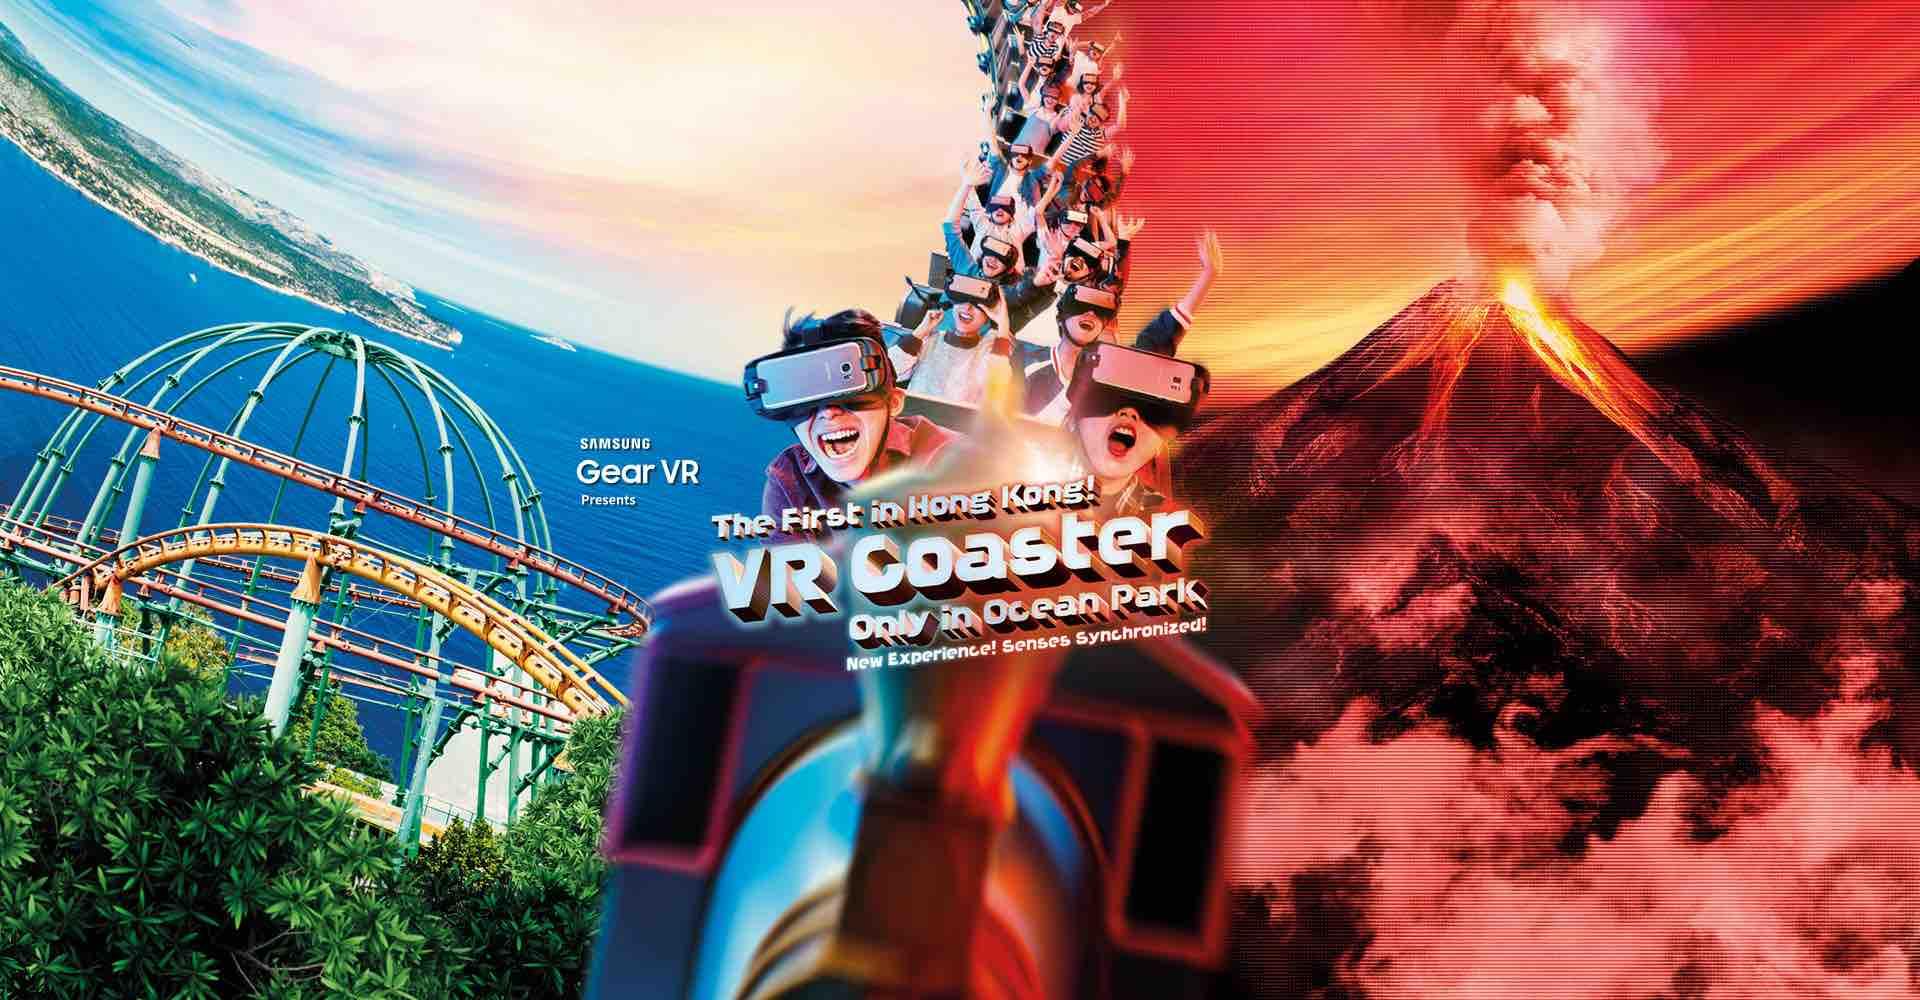 ไปเล่นมาแล้ว Mine Train presented by Samsung Gear VR ที่ Ocean Park ฮ่องกง 1